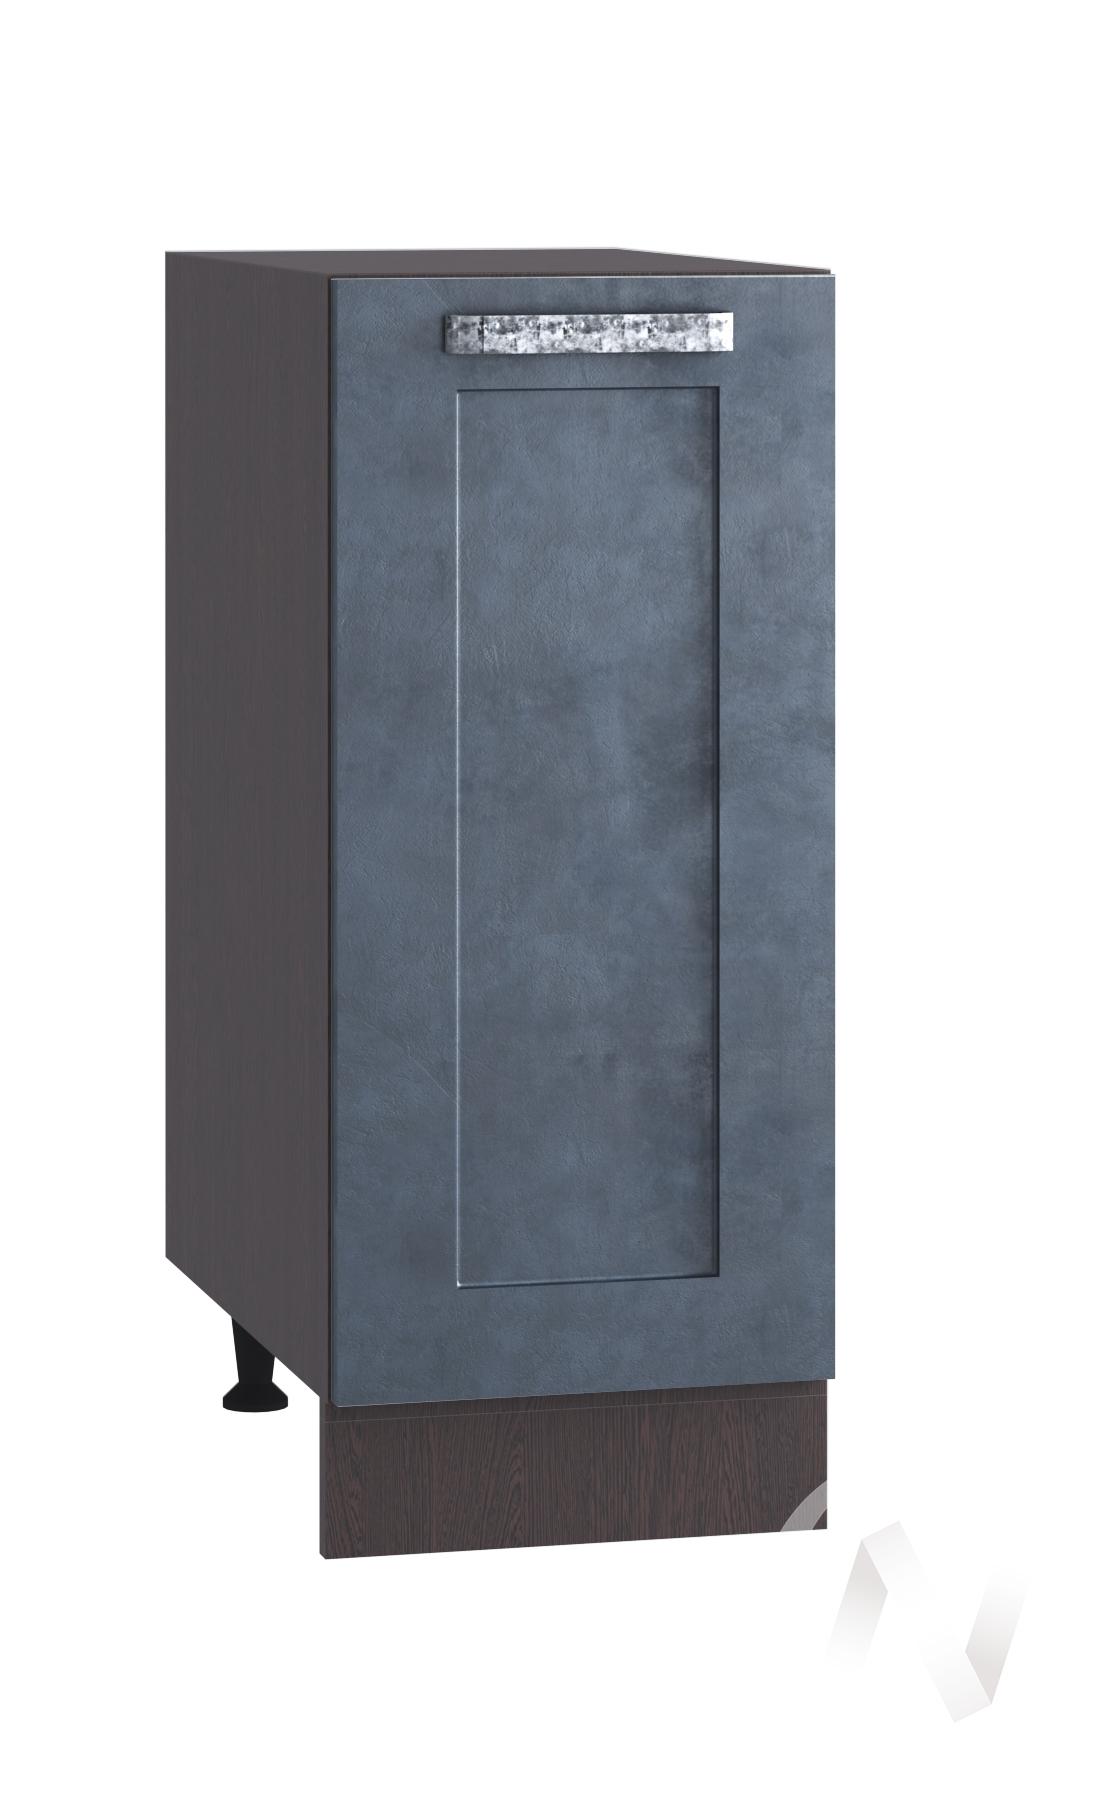 """Кухня """"Лофт"""": Шкаф нижний 300, ШН 300 (Бетон графит/корпус венге) в Томске — авторская мебель Экостиль"""